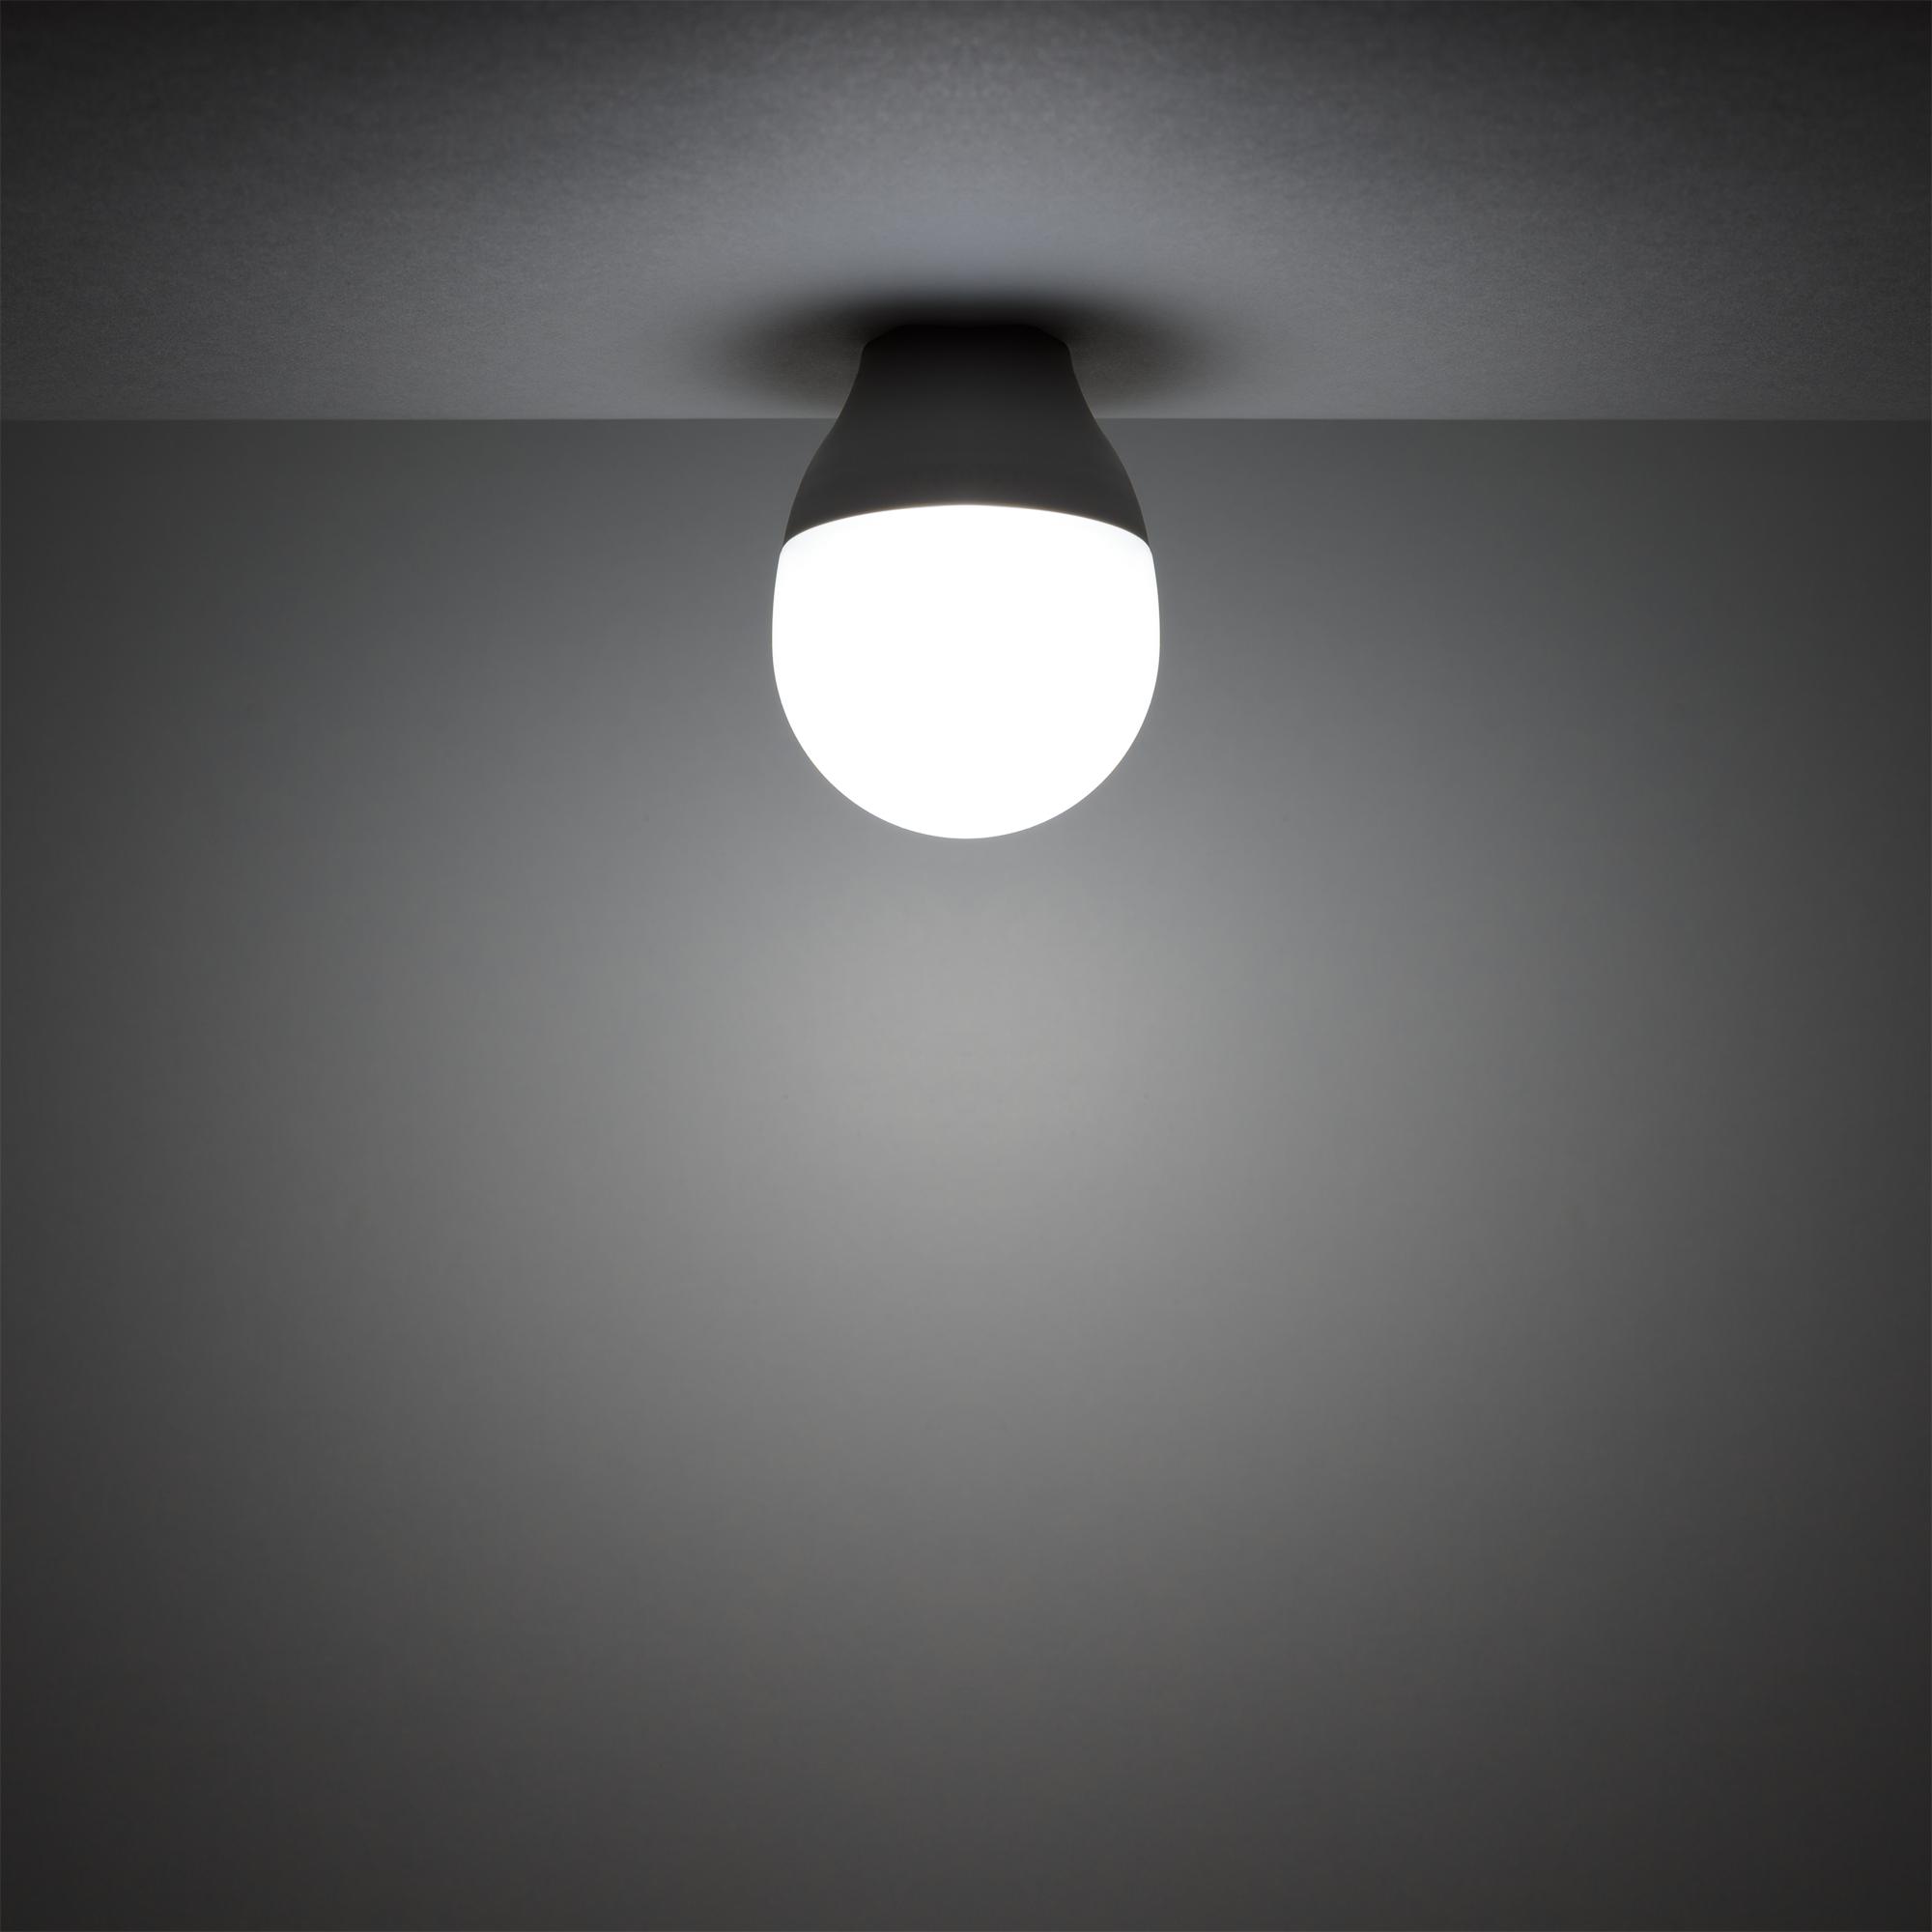 Лампа светодиодная Gauss E14 220-240 В 6 Вт шар матовый 440 лм регулируемый цвет света RGBW